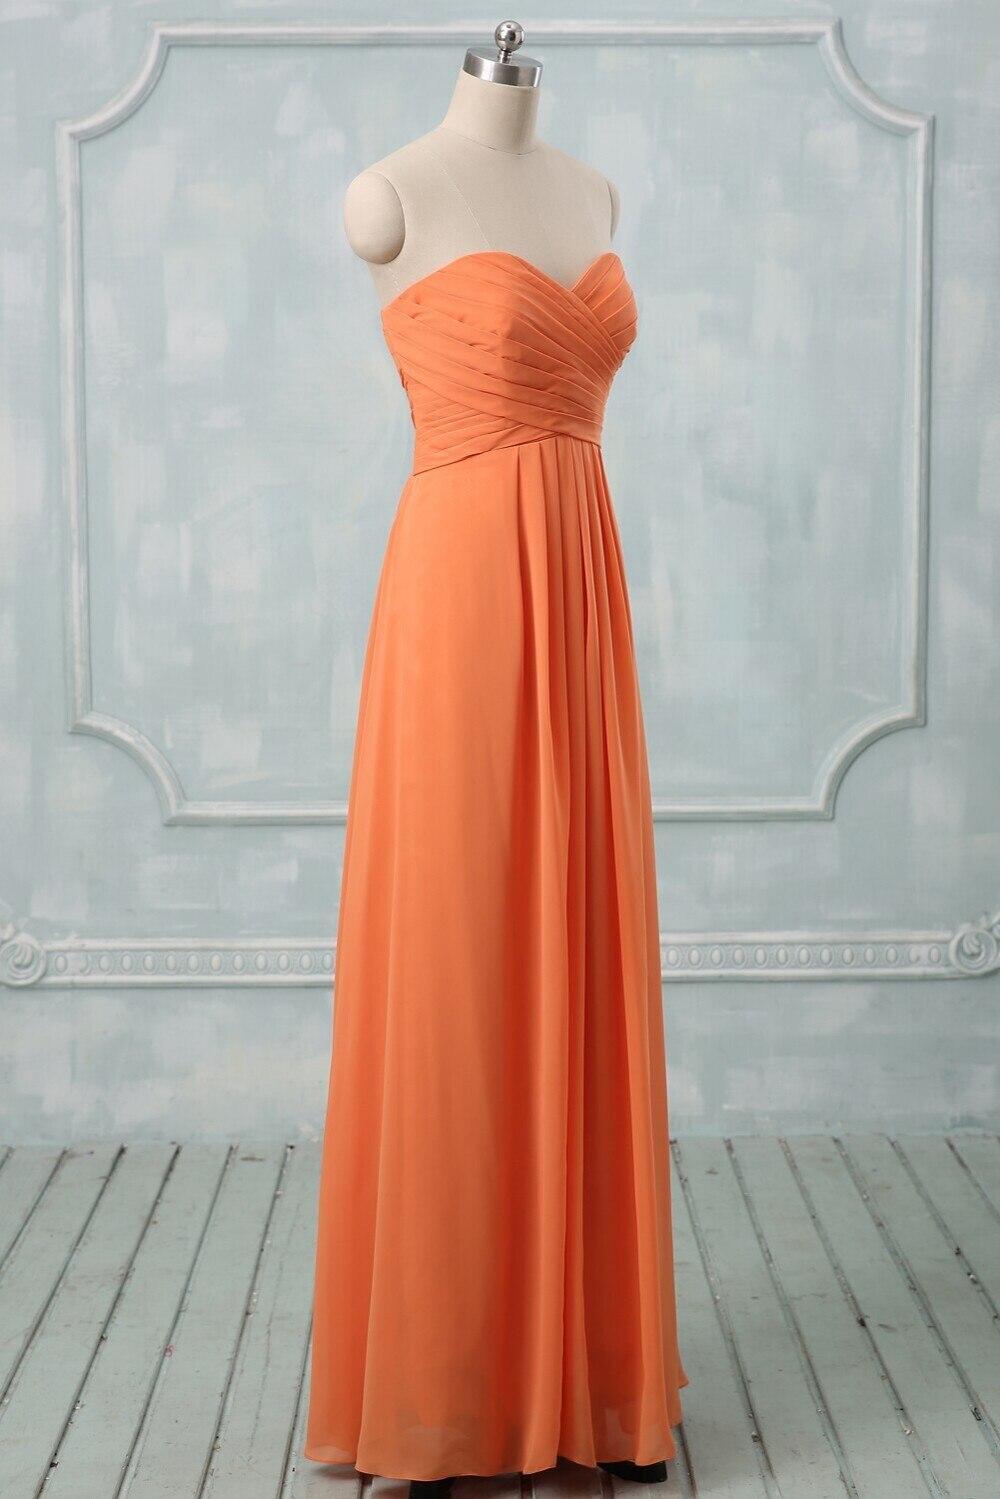 Ücretsiz Kargo Gelinlik Modelleri Uzun Düğün Parti Elbise A-Line - Düğün Abiye - Fotoğraf 4